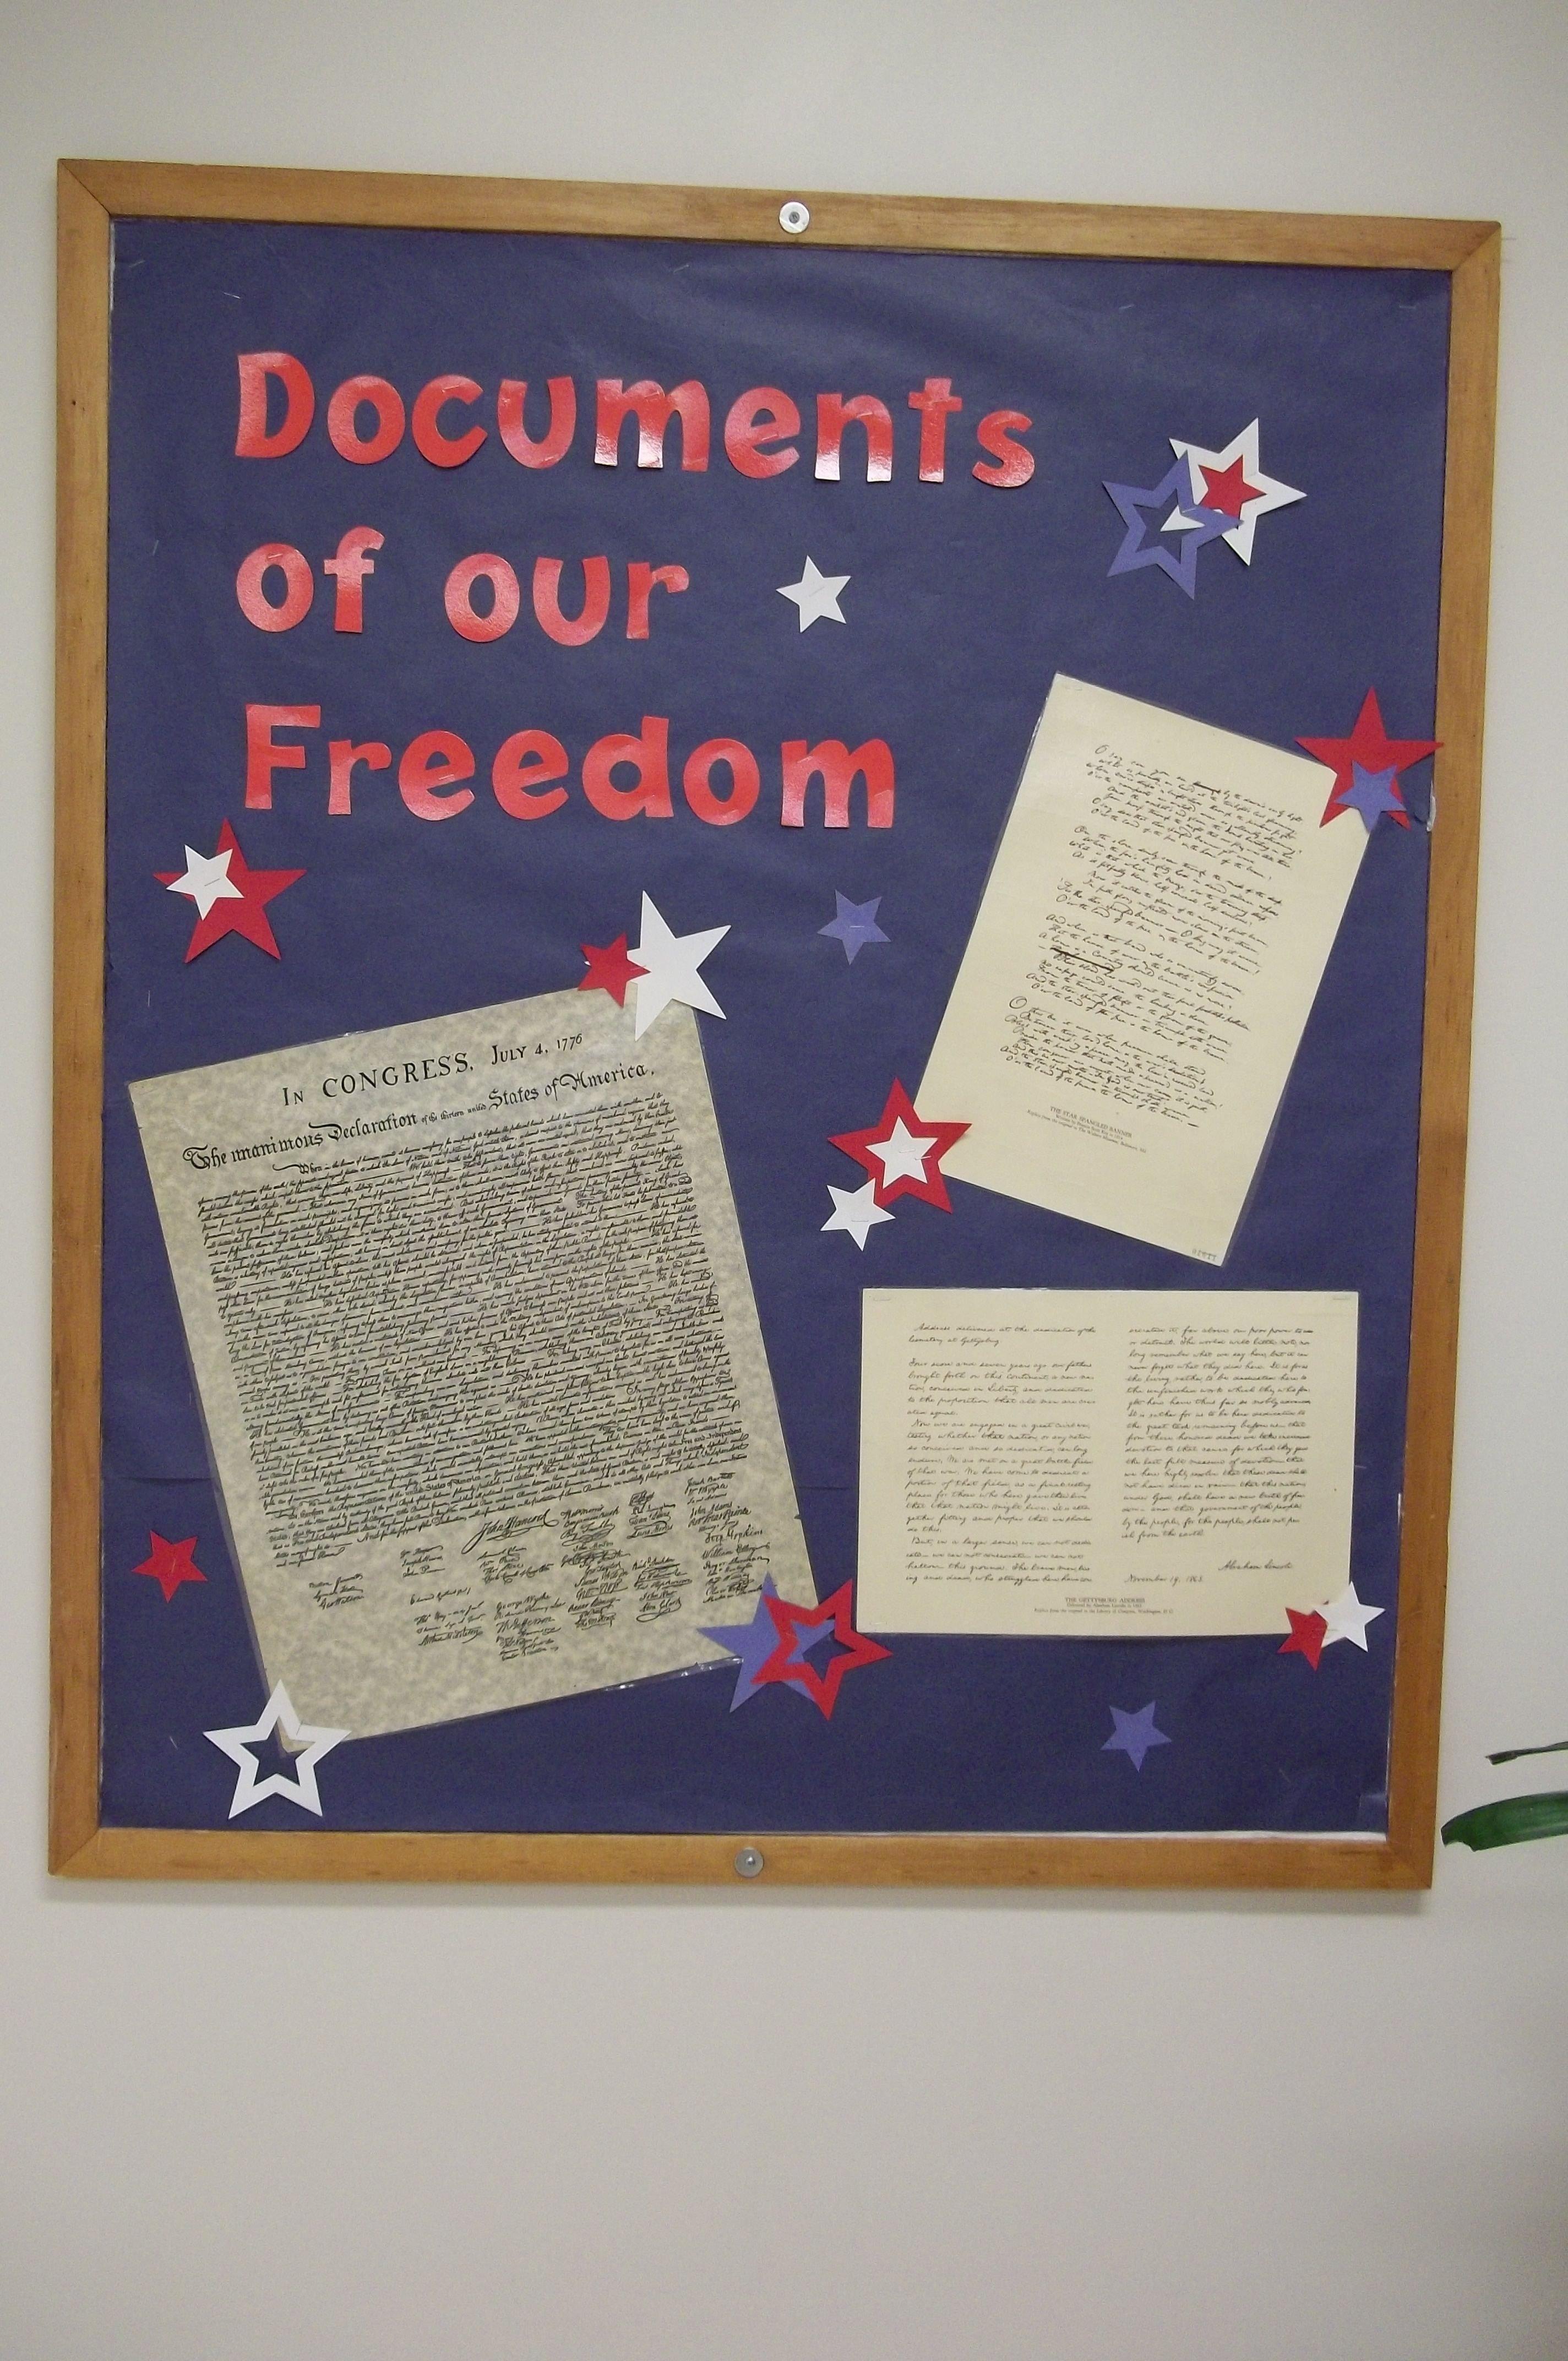 10 Stylish Fourth Of July Bulletin Board Ideas documents of our freedom 4th of july bulletin board bulletin 1 2021